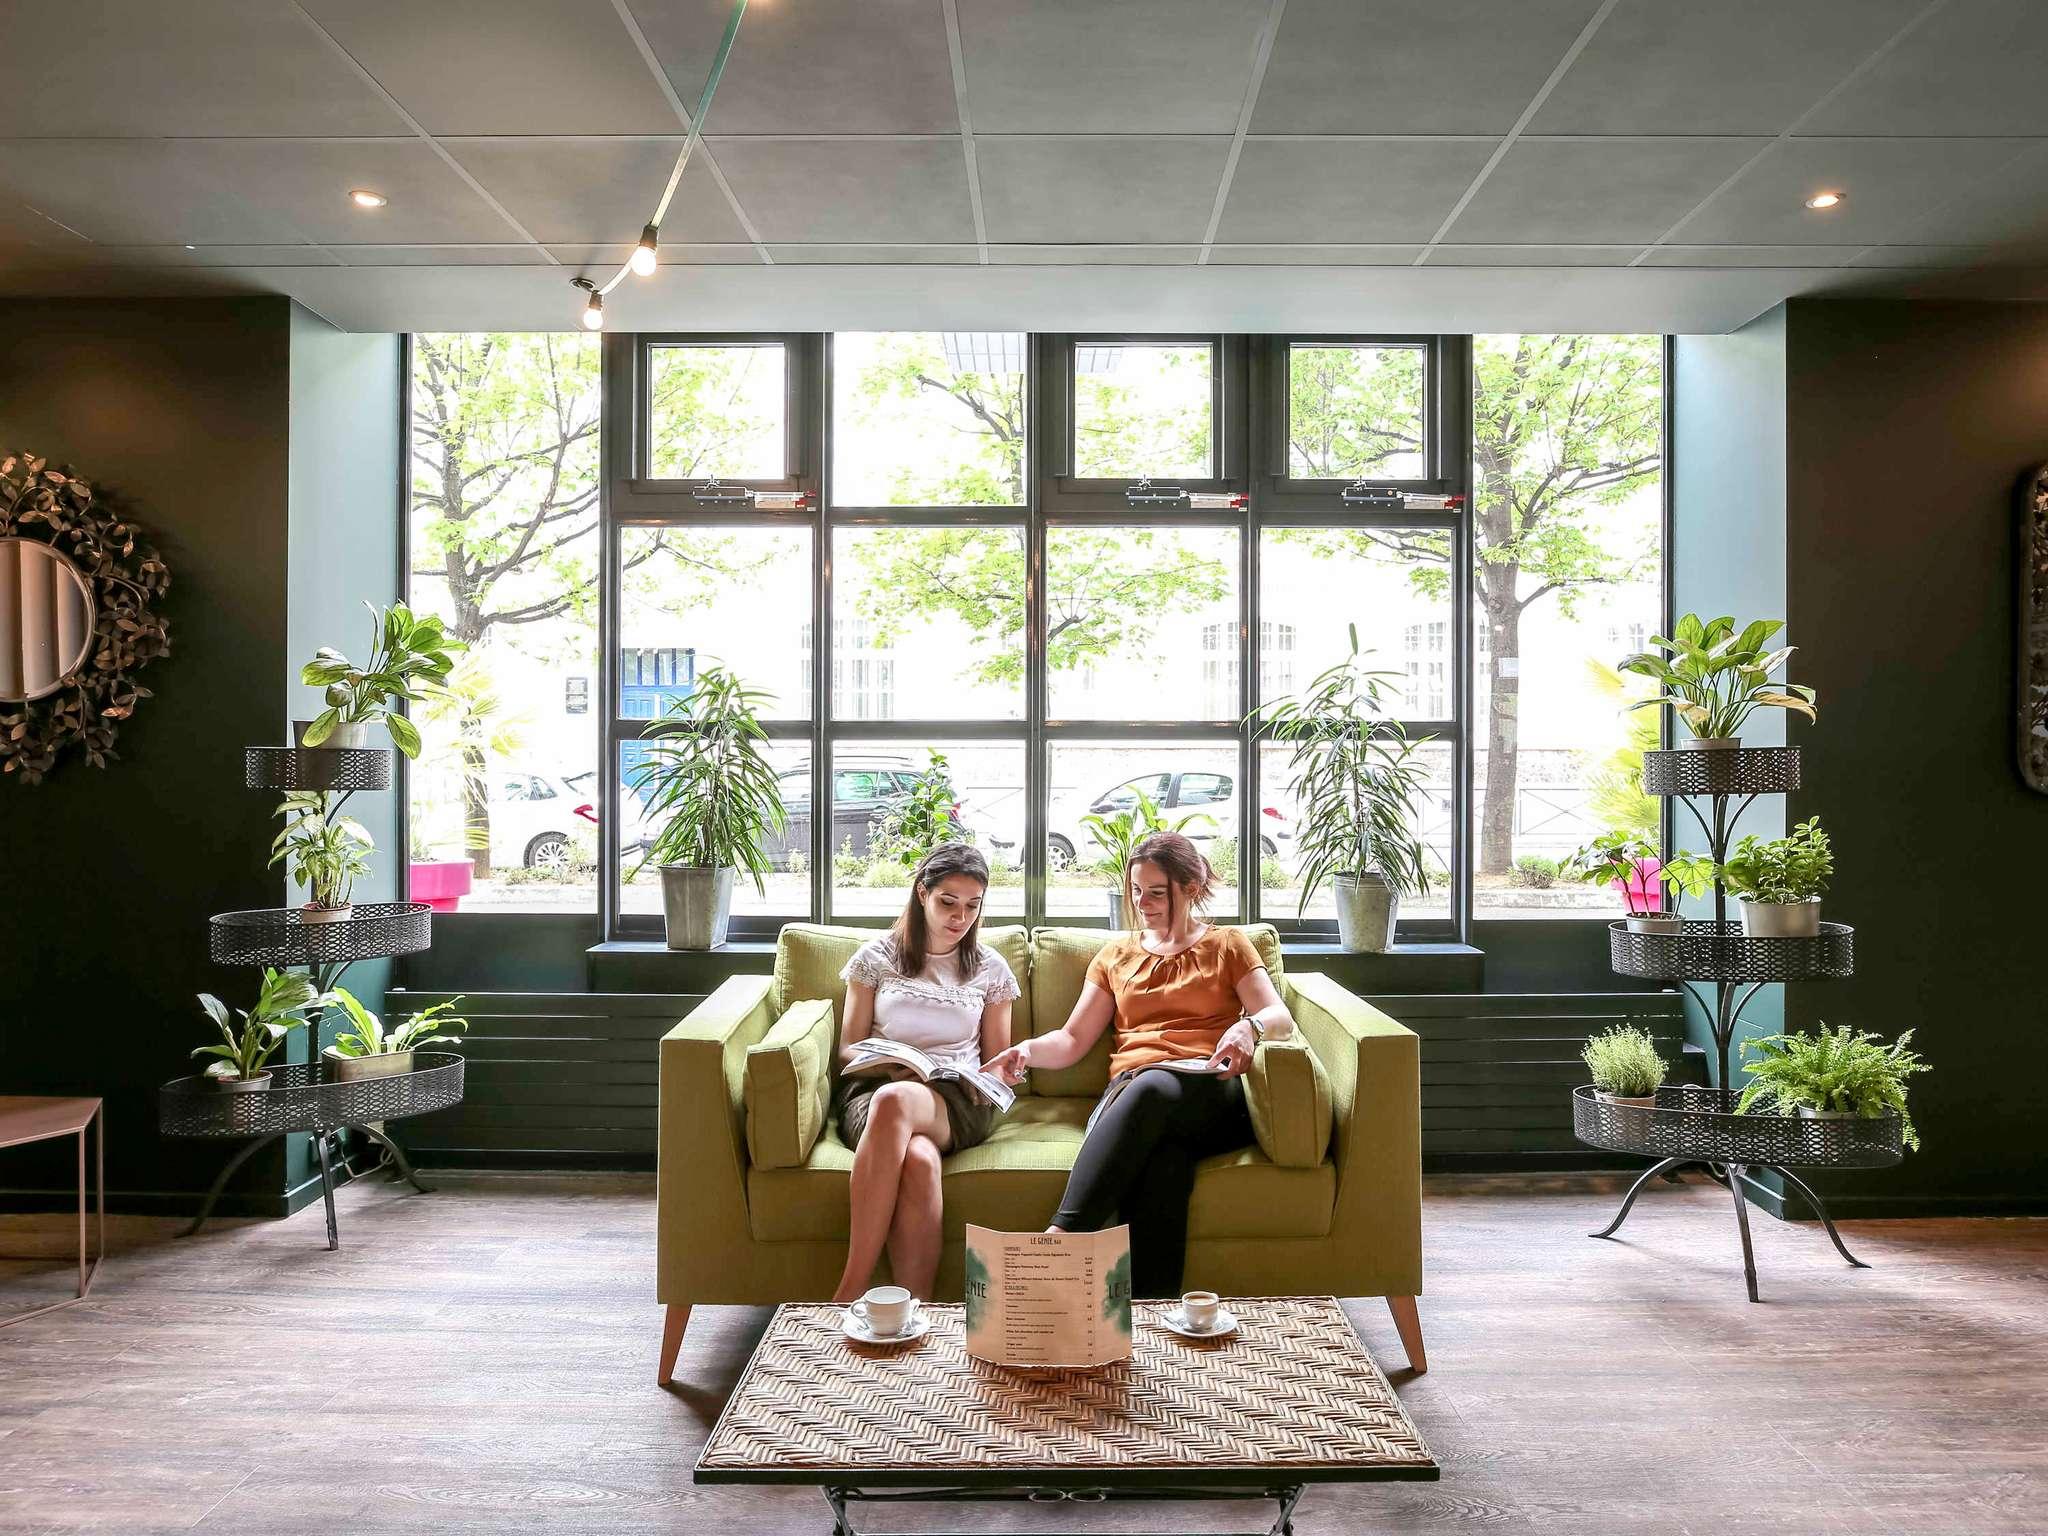 Bureau de change avenue opera paris: bureau de change pas cher avec